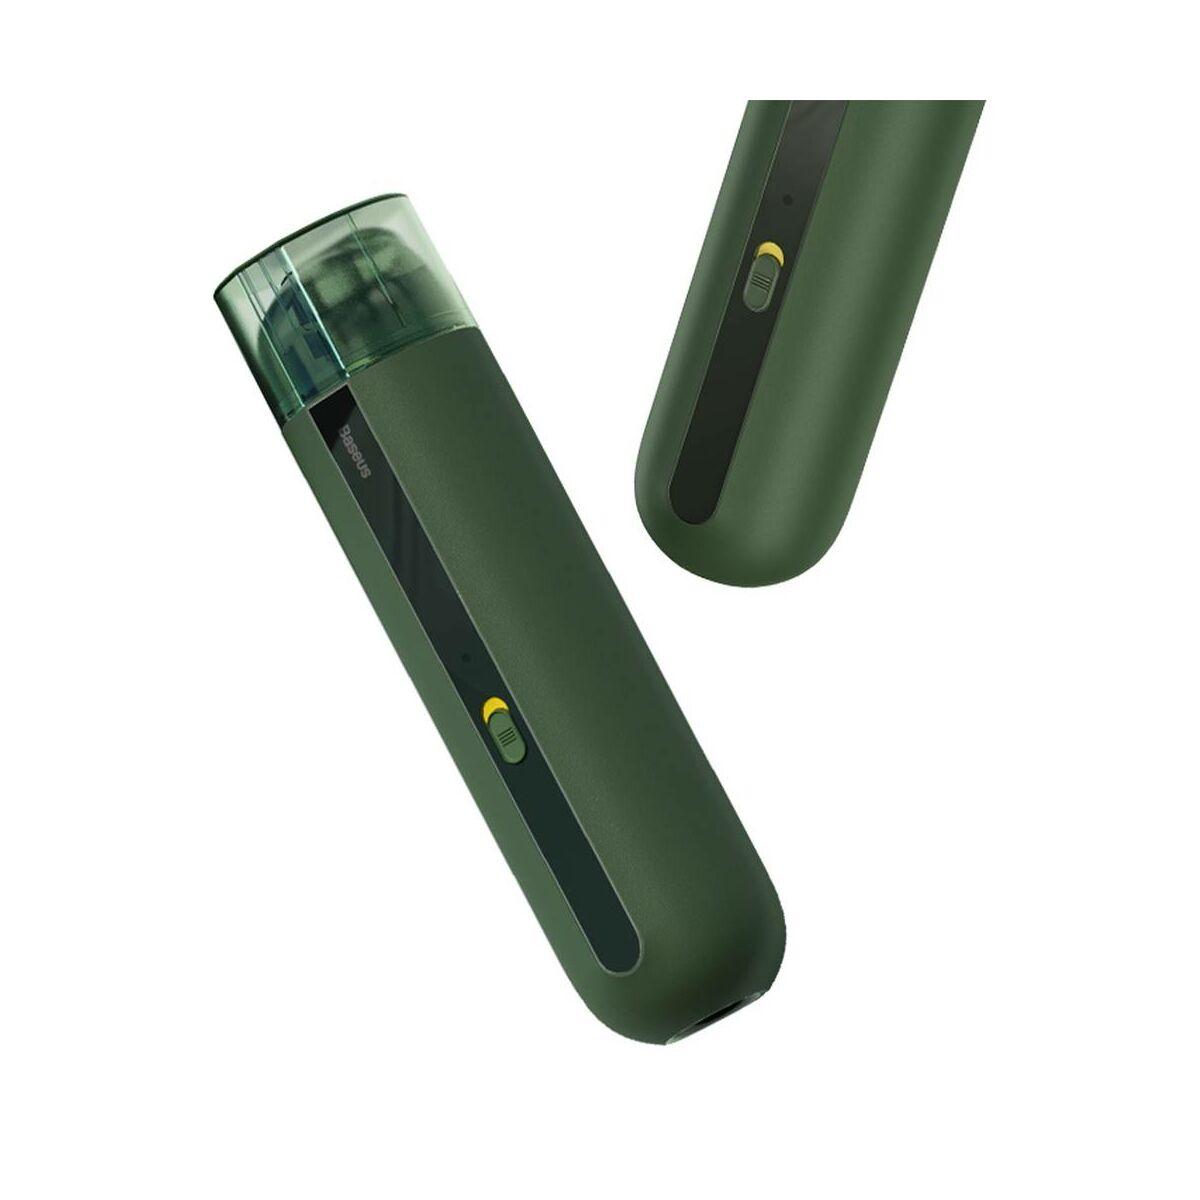 Baseus autós kiegészítő, porszívó A2, 5000Pa szívóerő 70W, zöld (CRXCQA2-06)